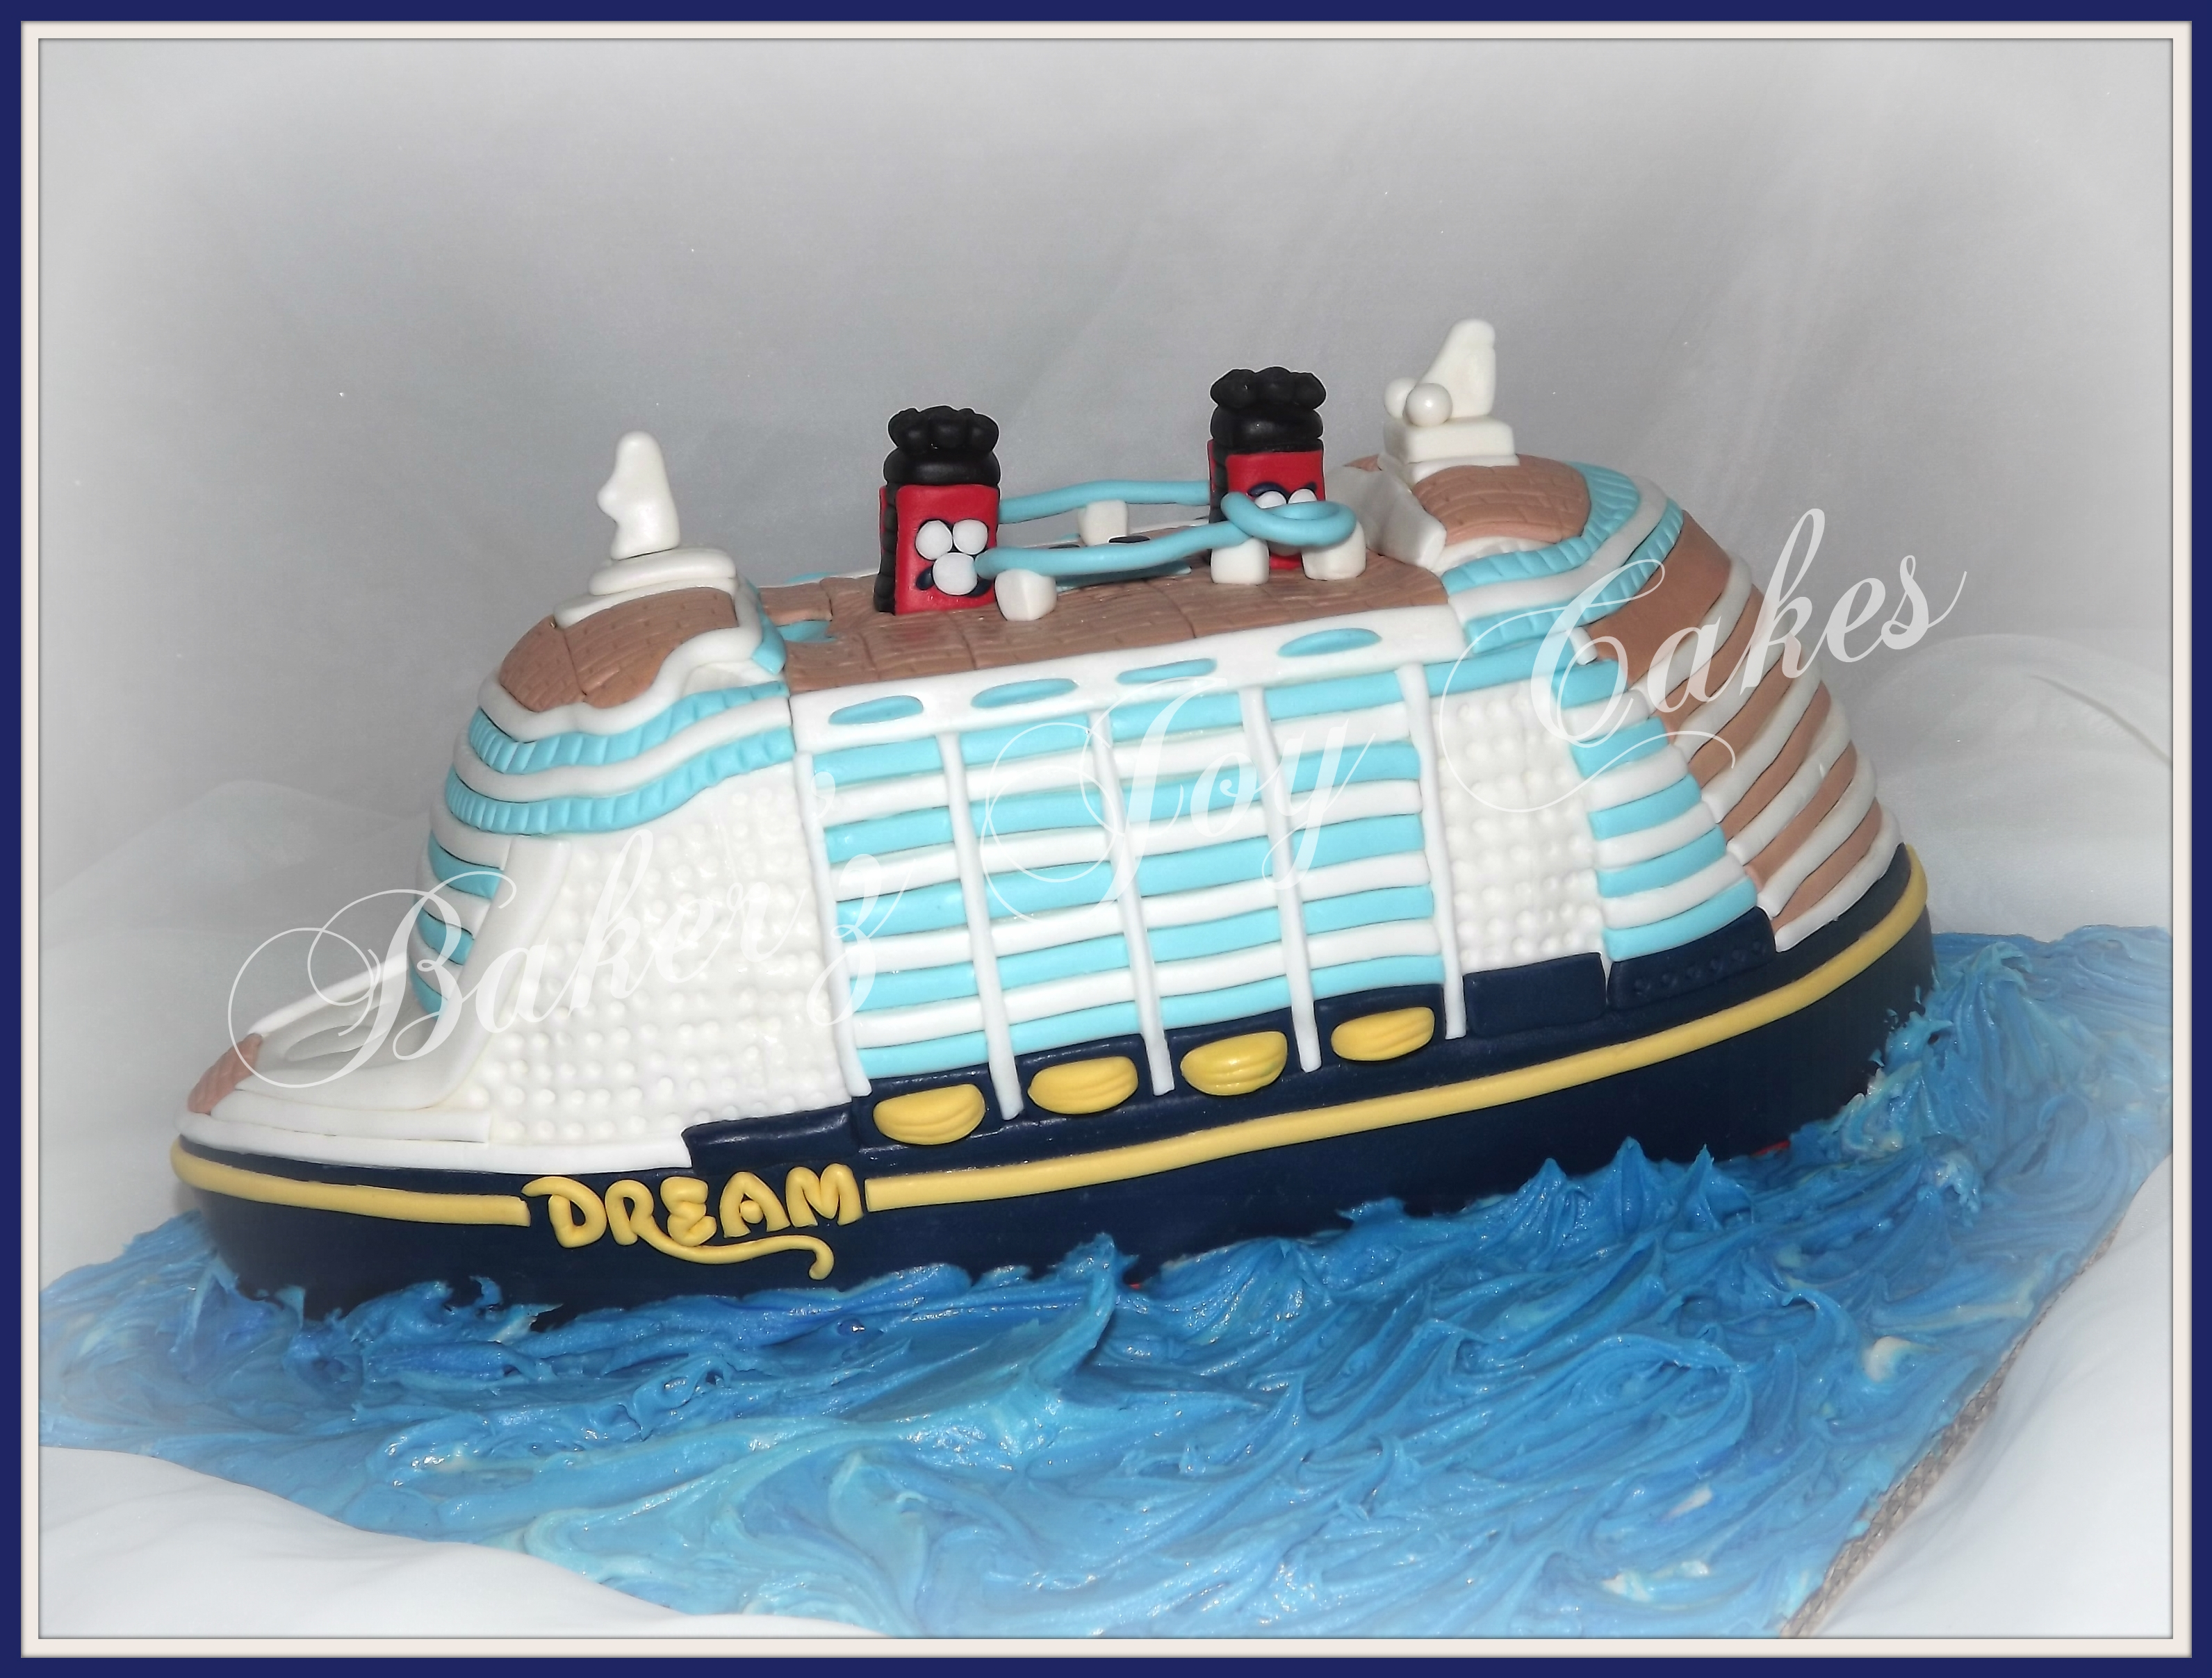 Disney Cruise Ship Cakecentral Com